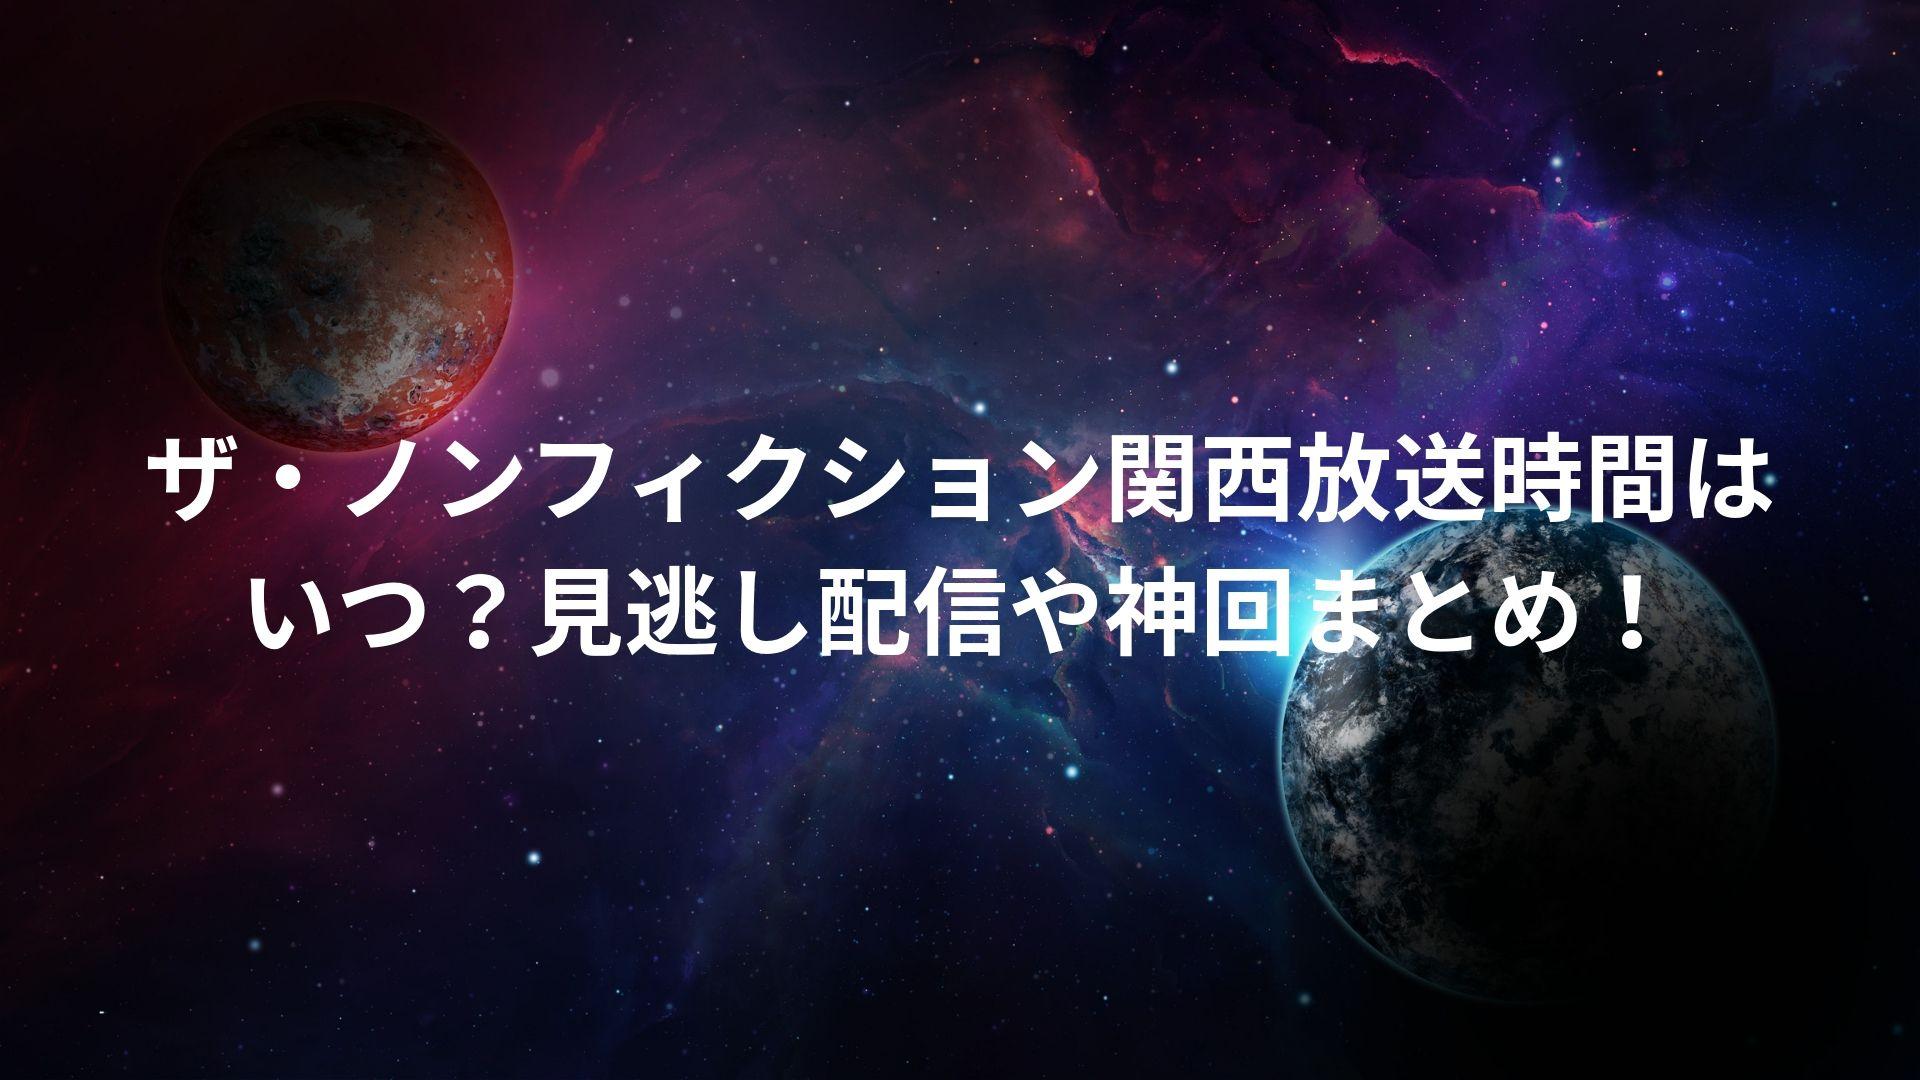 ザ ノン フィクション 関西